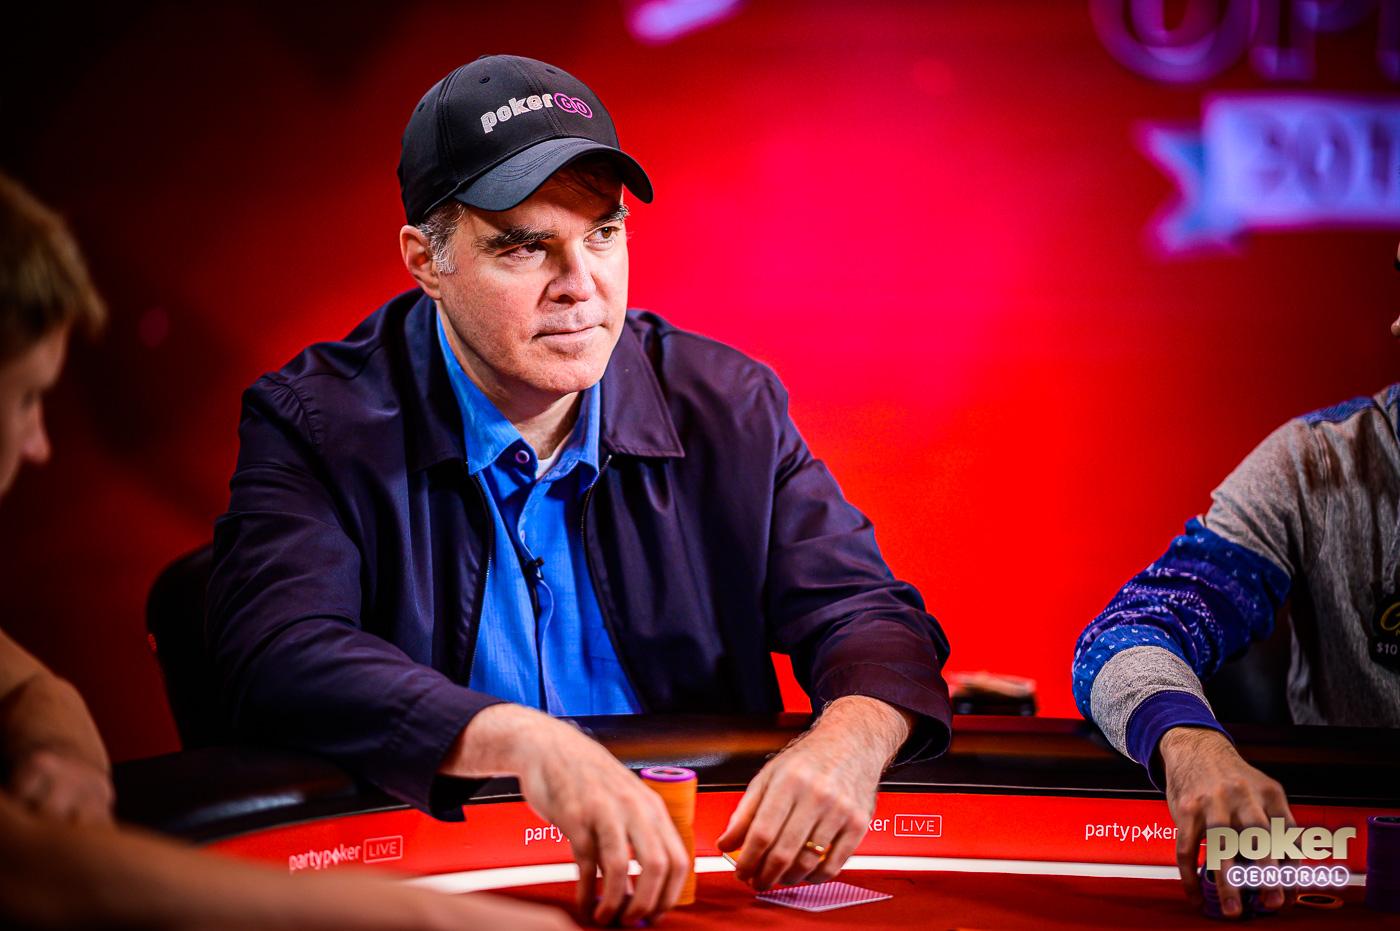 tipico casino auszahlung auf sportwetten